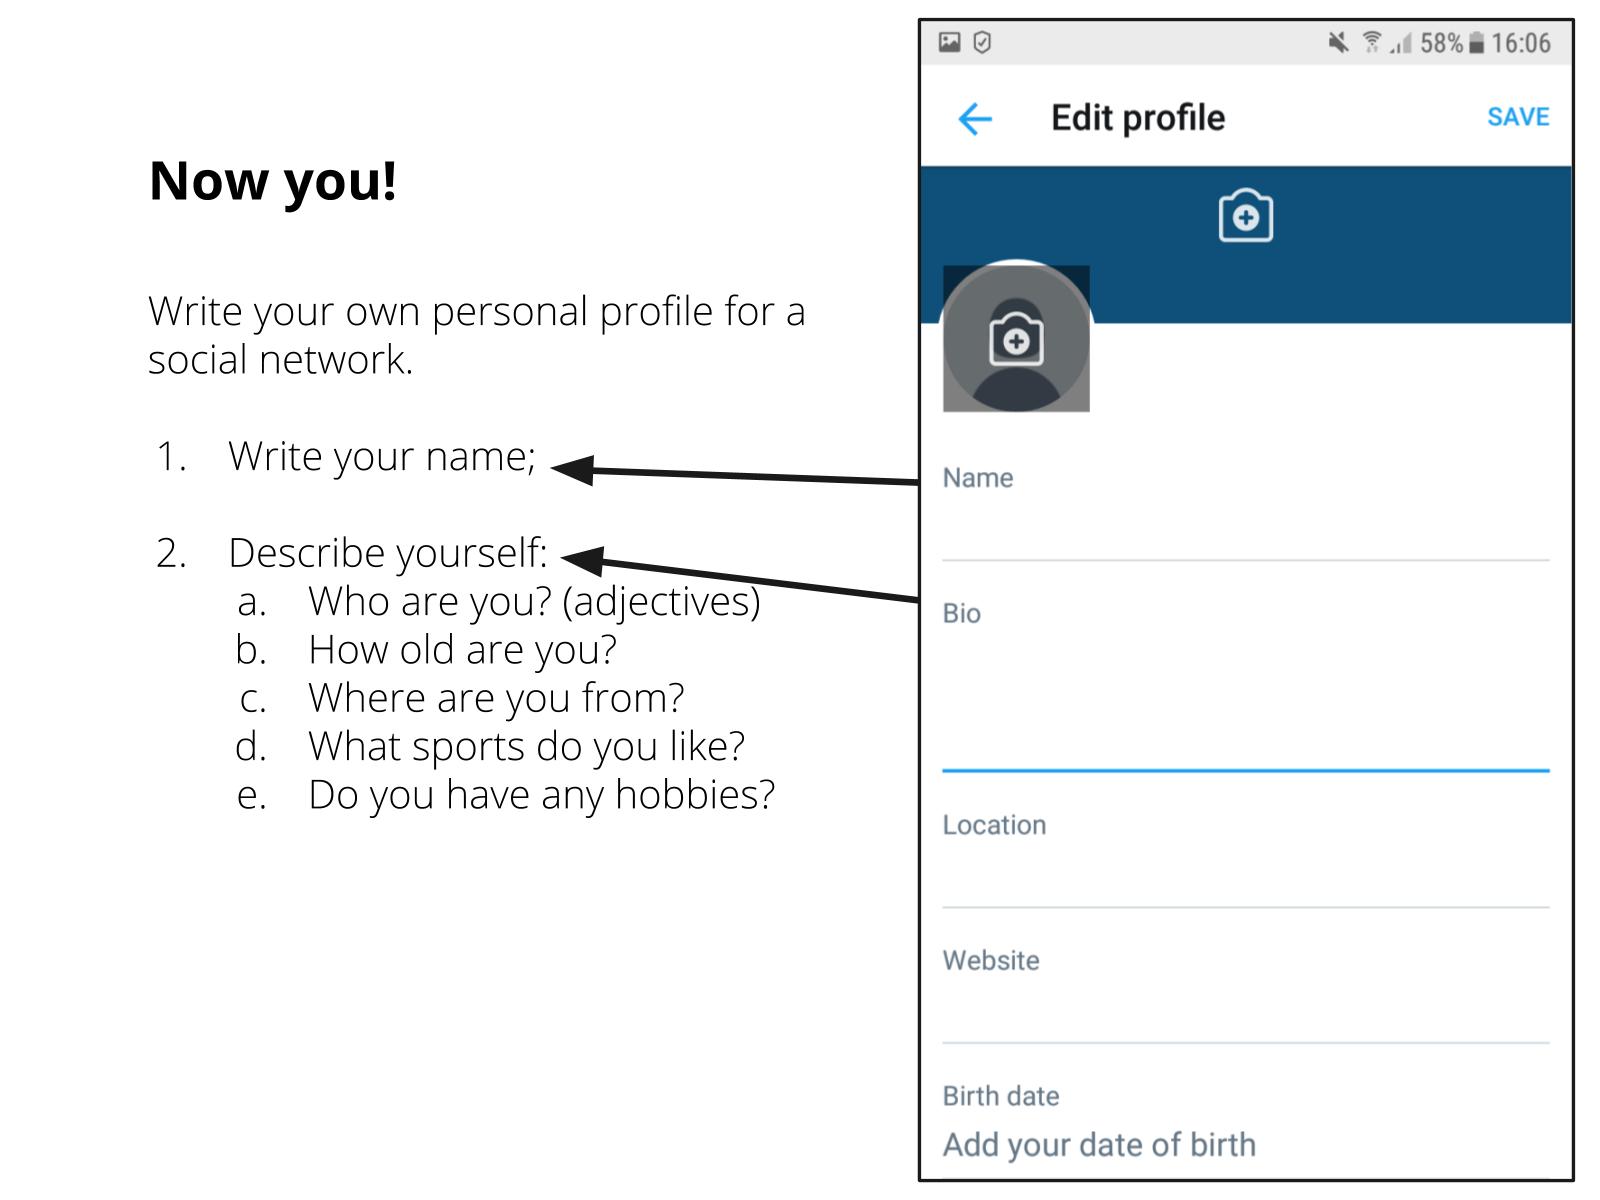 Perfil pessoal online